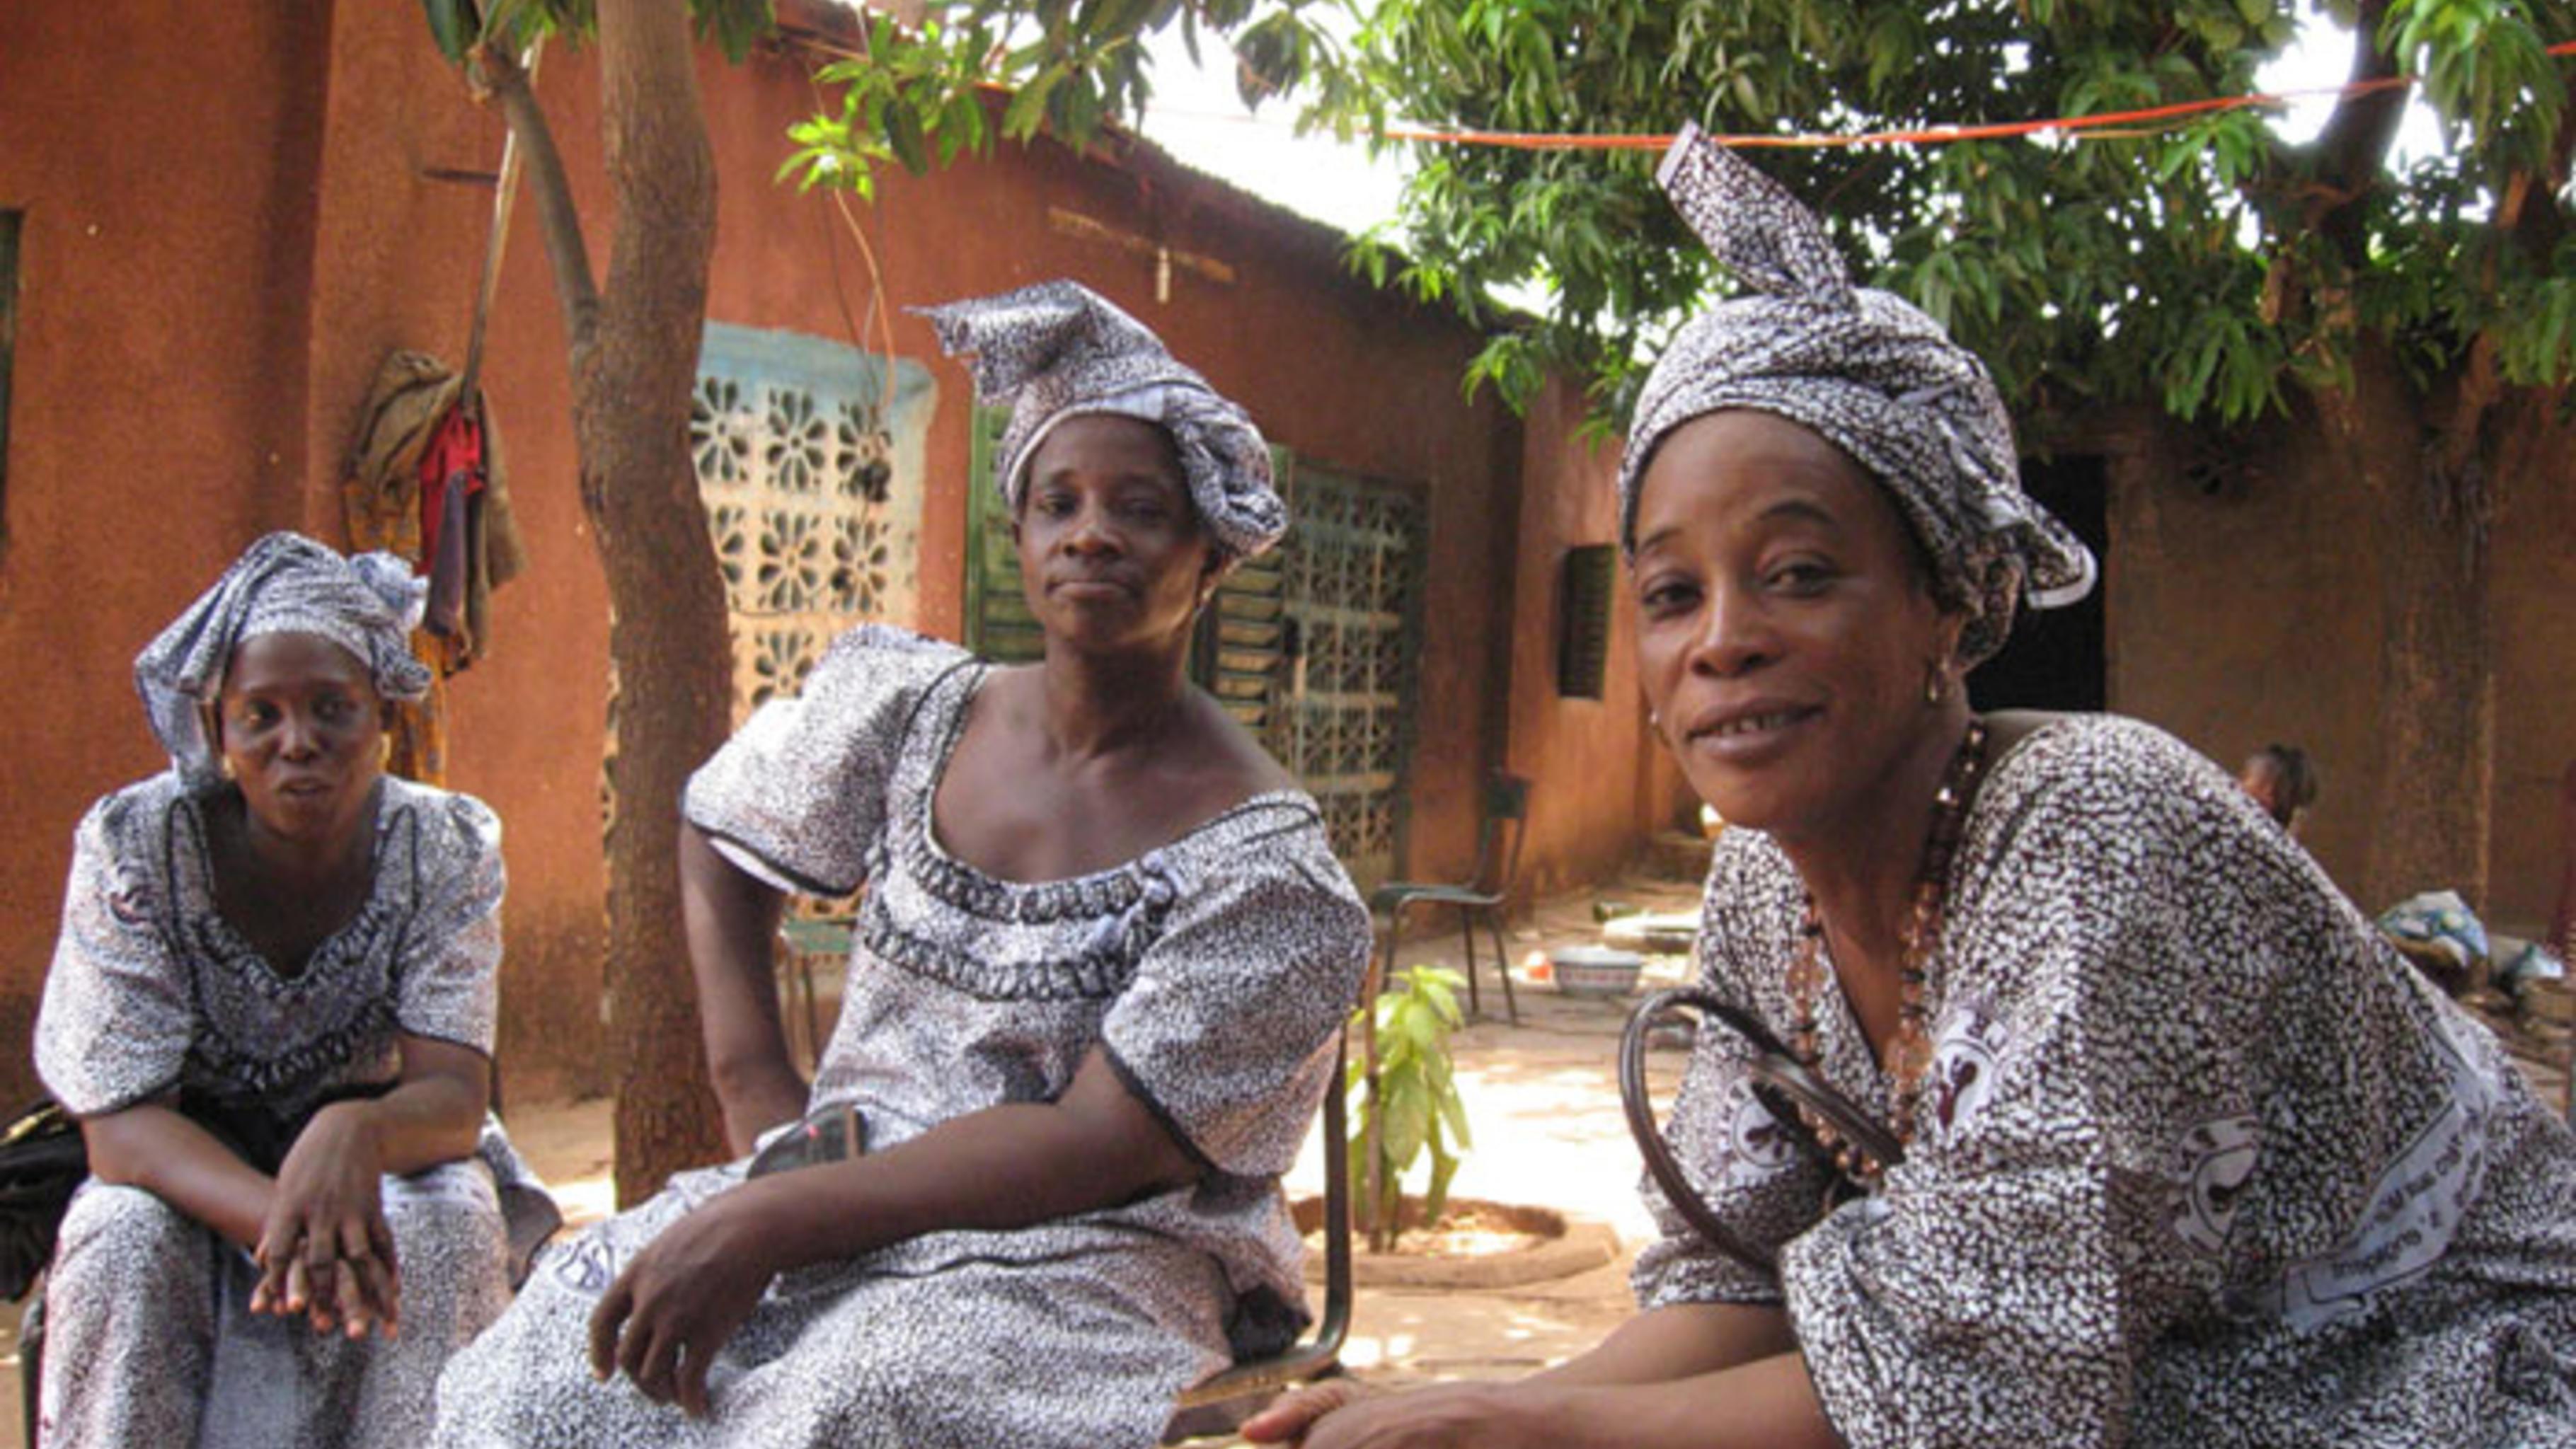 Foto: Die Frauen von Tagnè sind fest entschlossen und hoch motiviert.